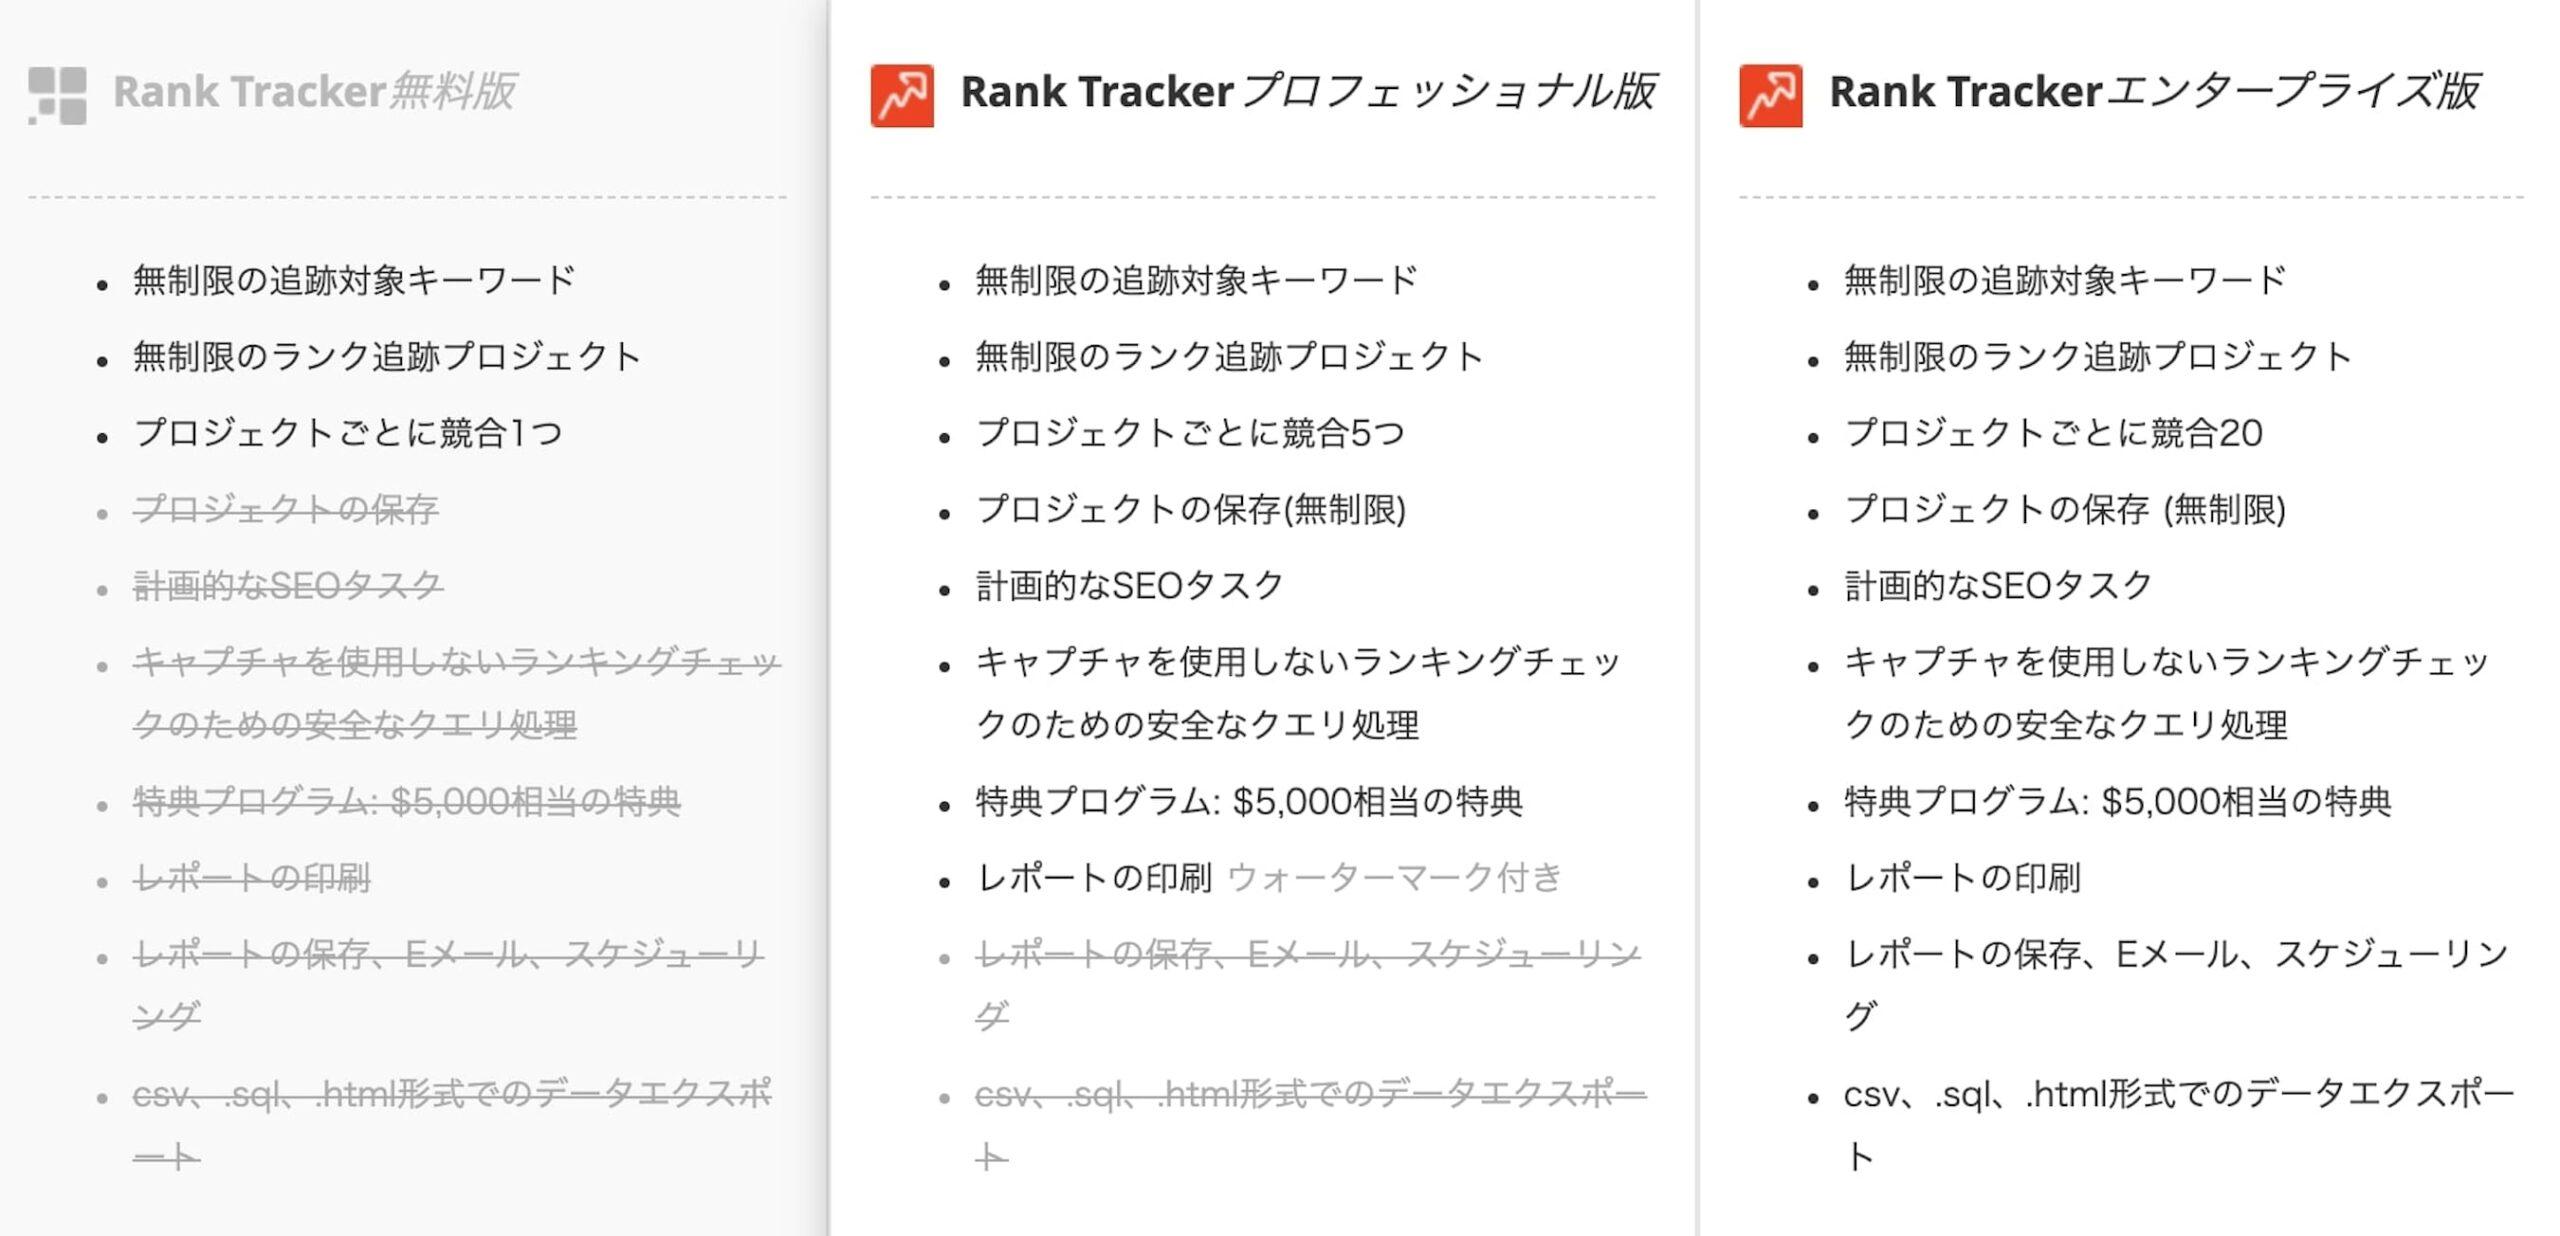 Rank Trackerのプランによる機能比較